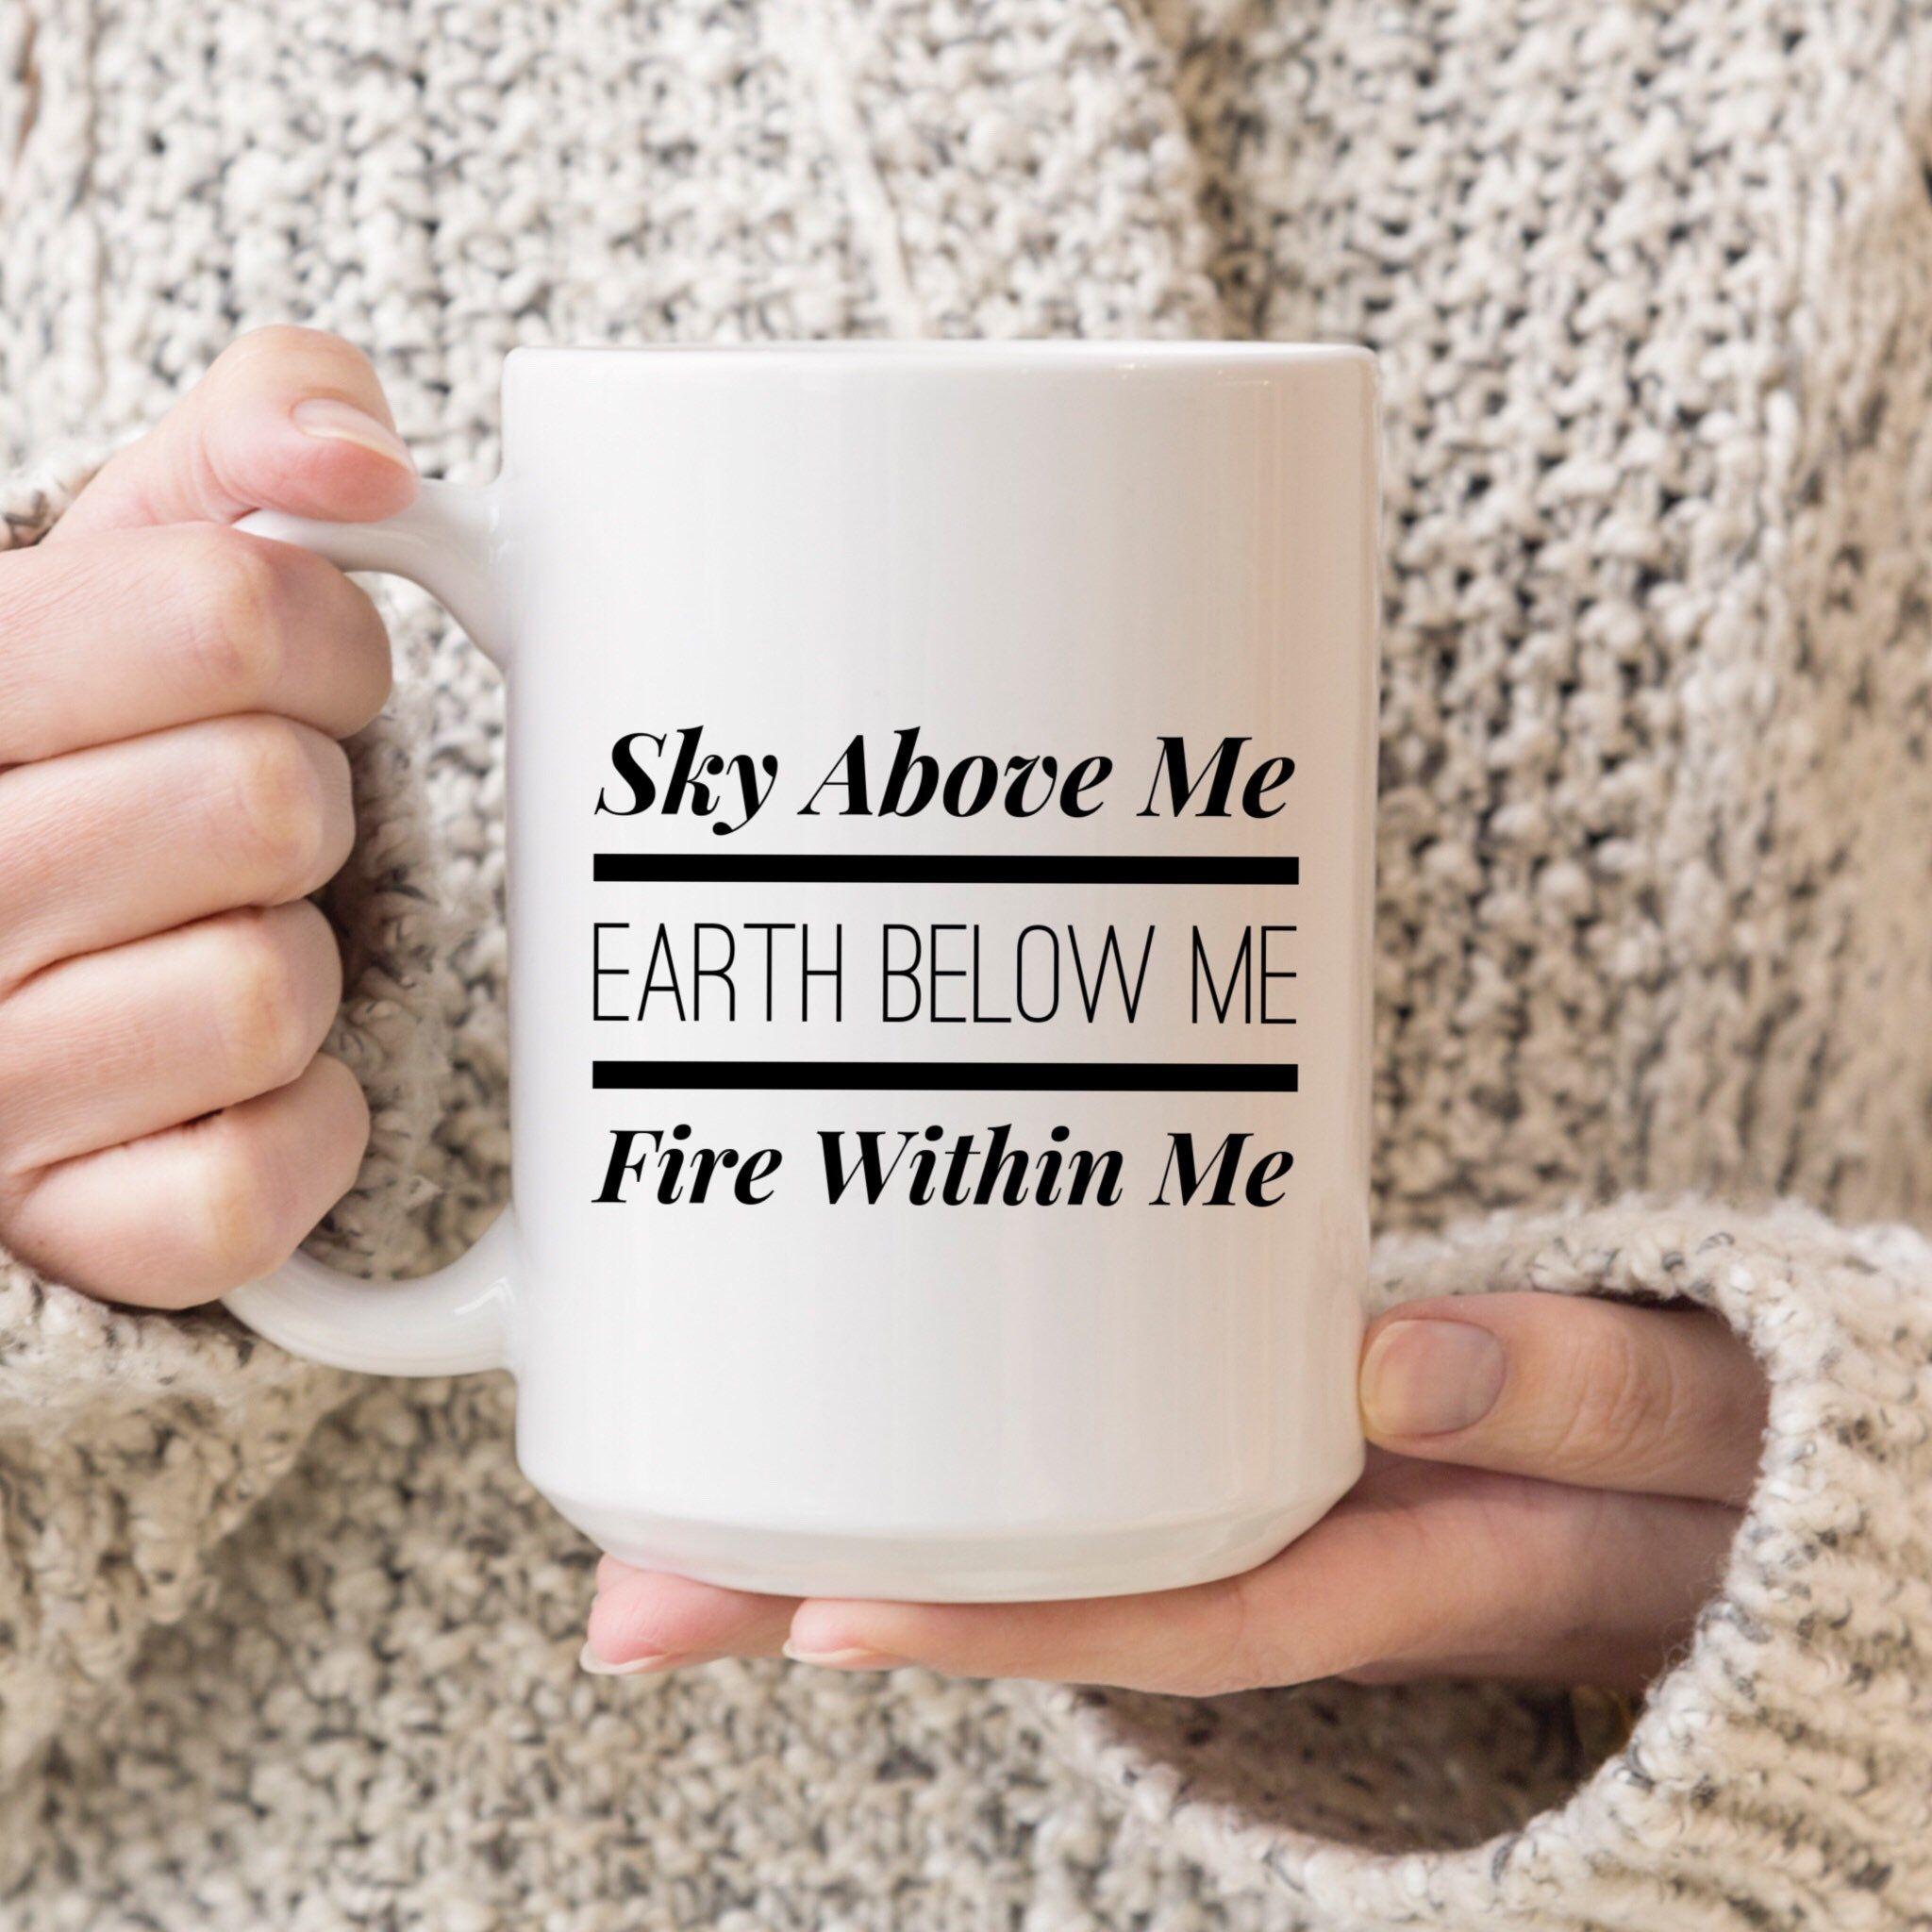 Sassy Gift Mug | Sassy Mug Gift Idea | Gift-for-Her | Funny Mugs for Women | Mugs with Sayings | Large Coffee Mug | Oversized Statement Mug by SheMugs on Etsy https://www.etsy.com/listing/589808876/sassy-gift-mug-sassy-mug-gift-idea-gift